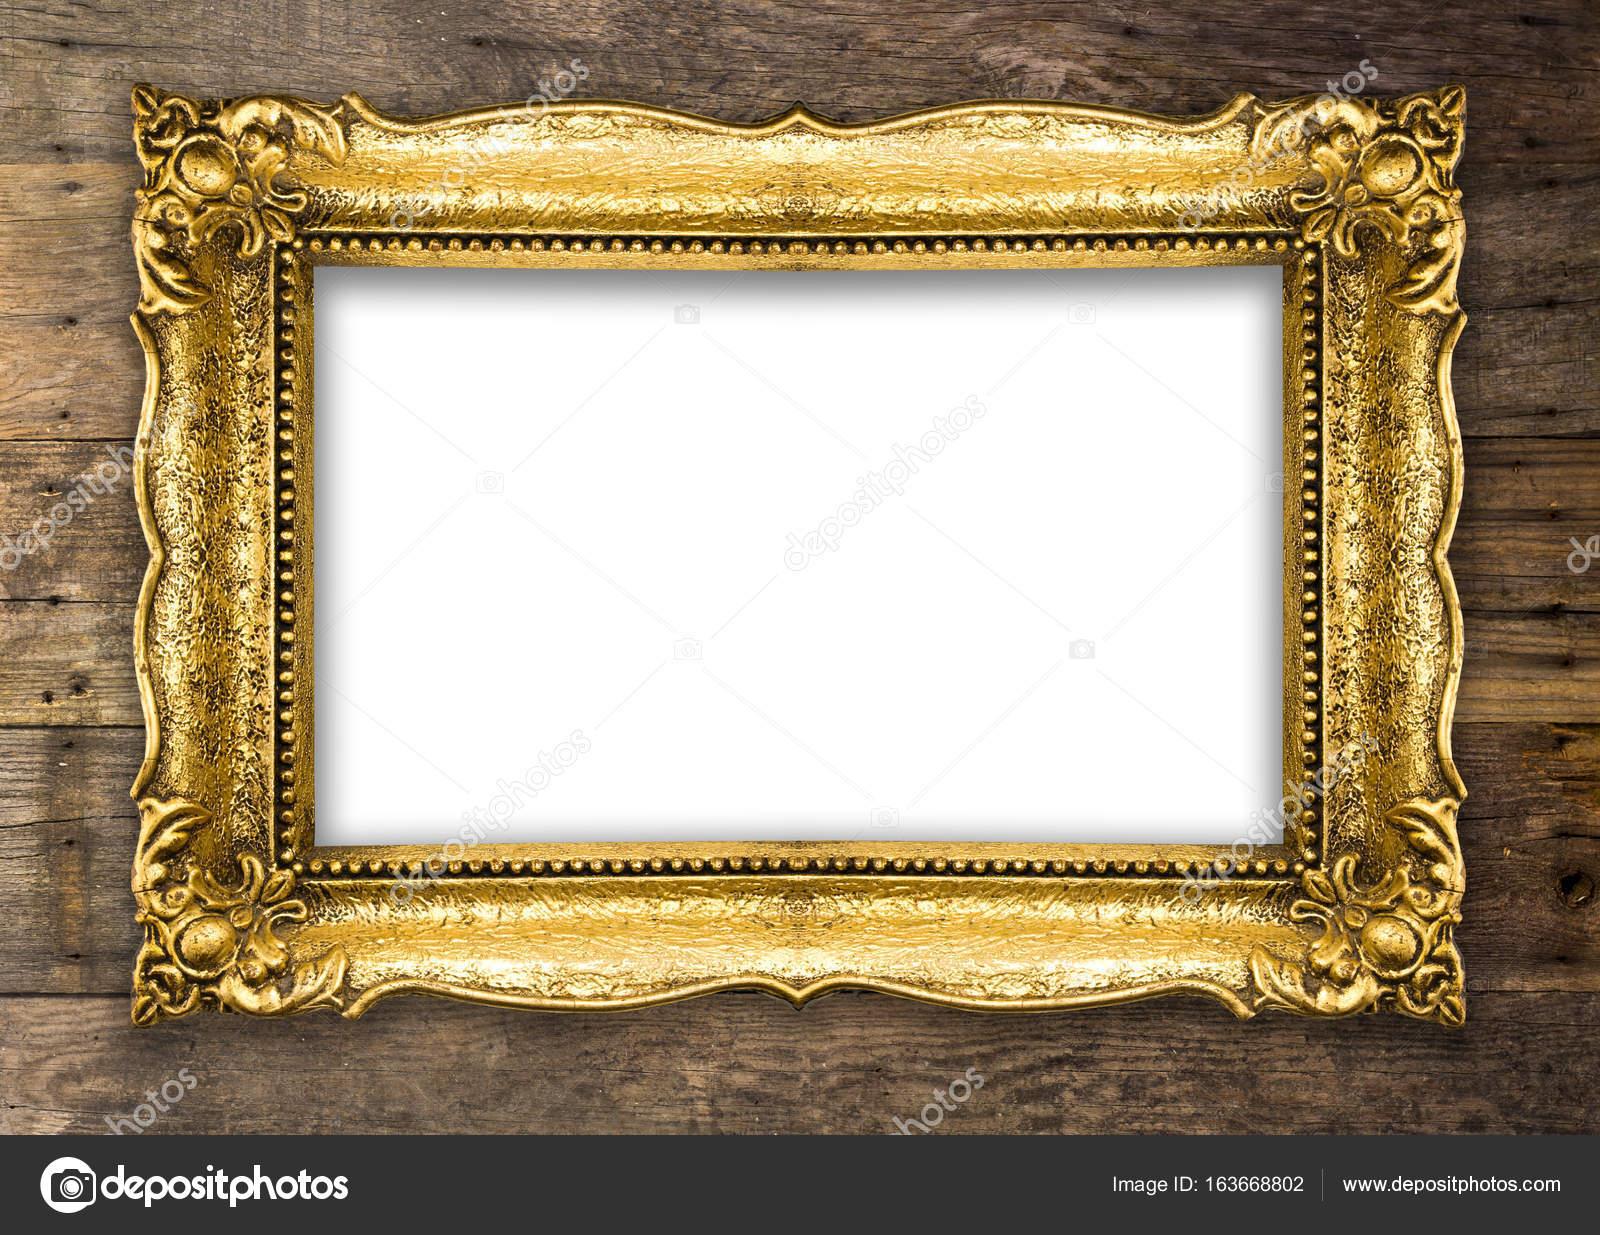 Retro-Altgold-Bilderrahmen auf Holzwand — Stockfoto © adam_r #163668802